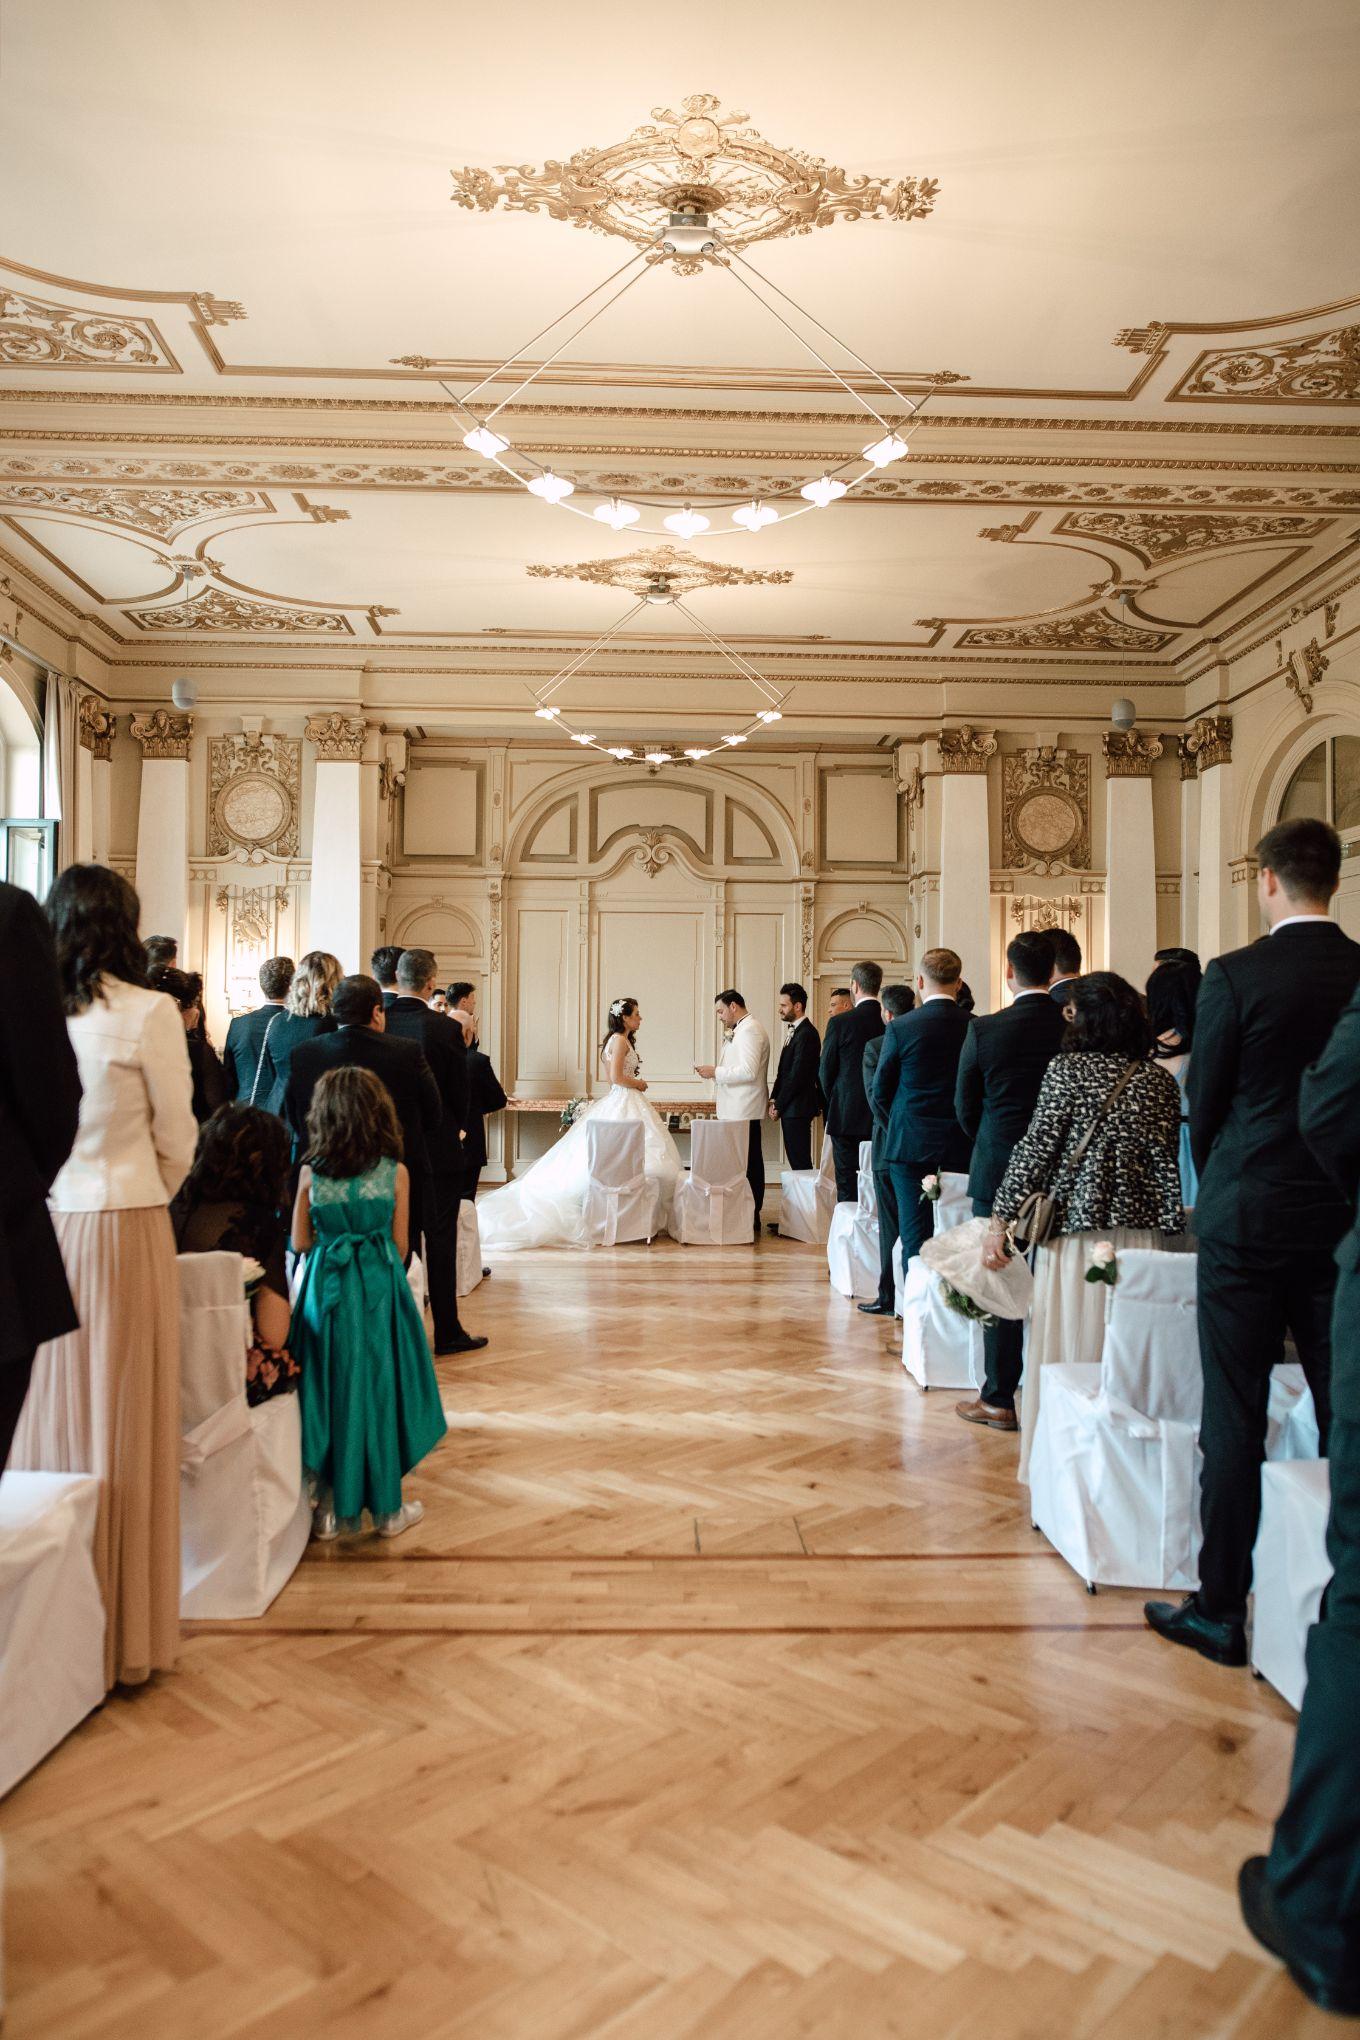 Hochzeit-Historische-Stadthalle-Wuppertal-The-Saums-KN-28.jpg